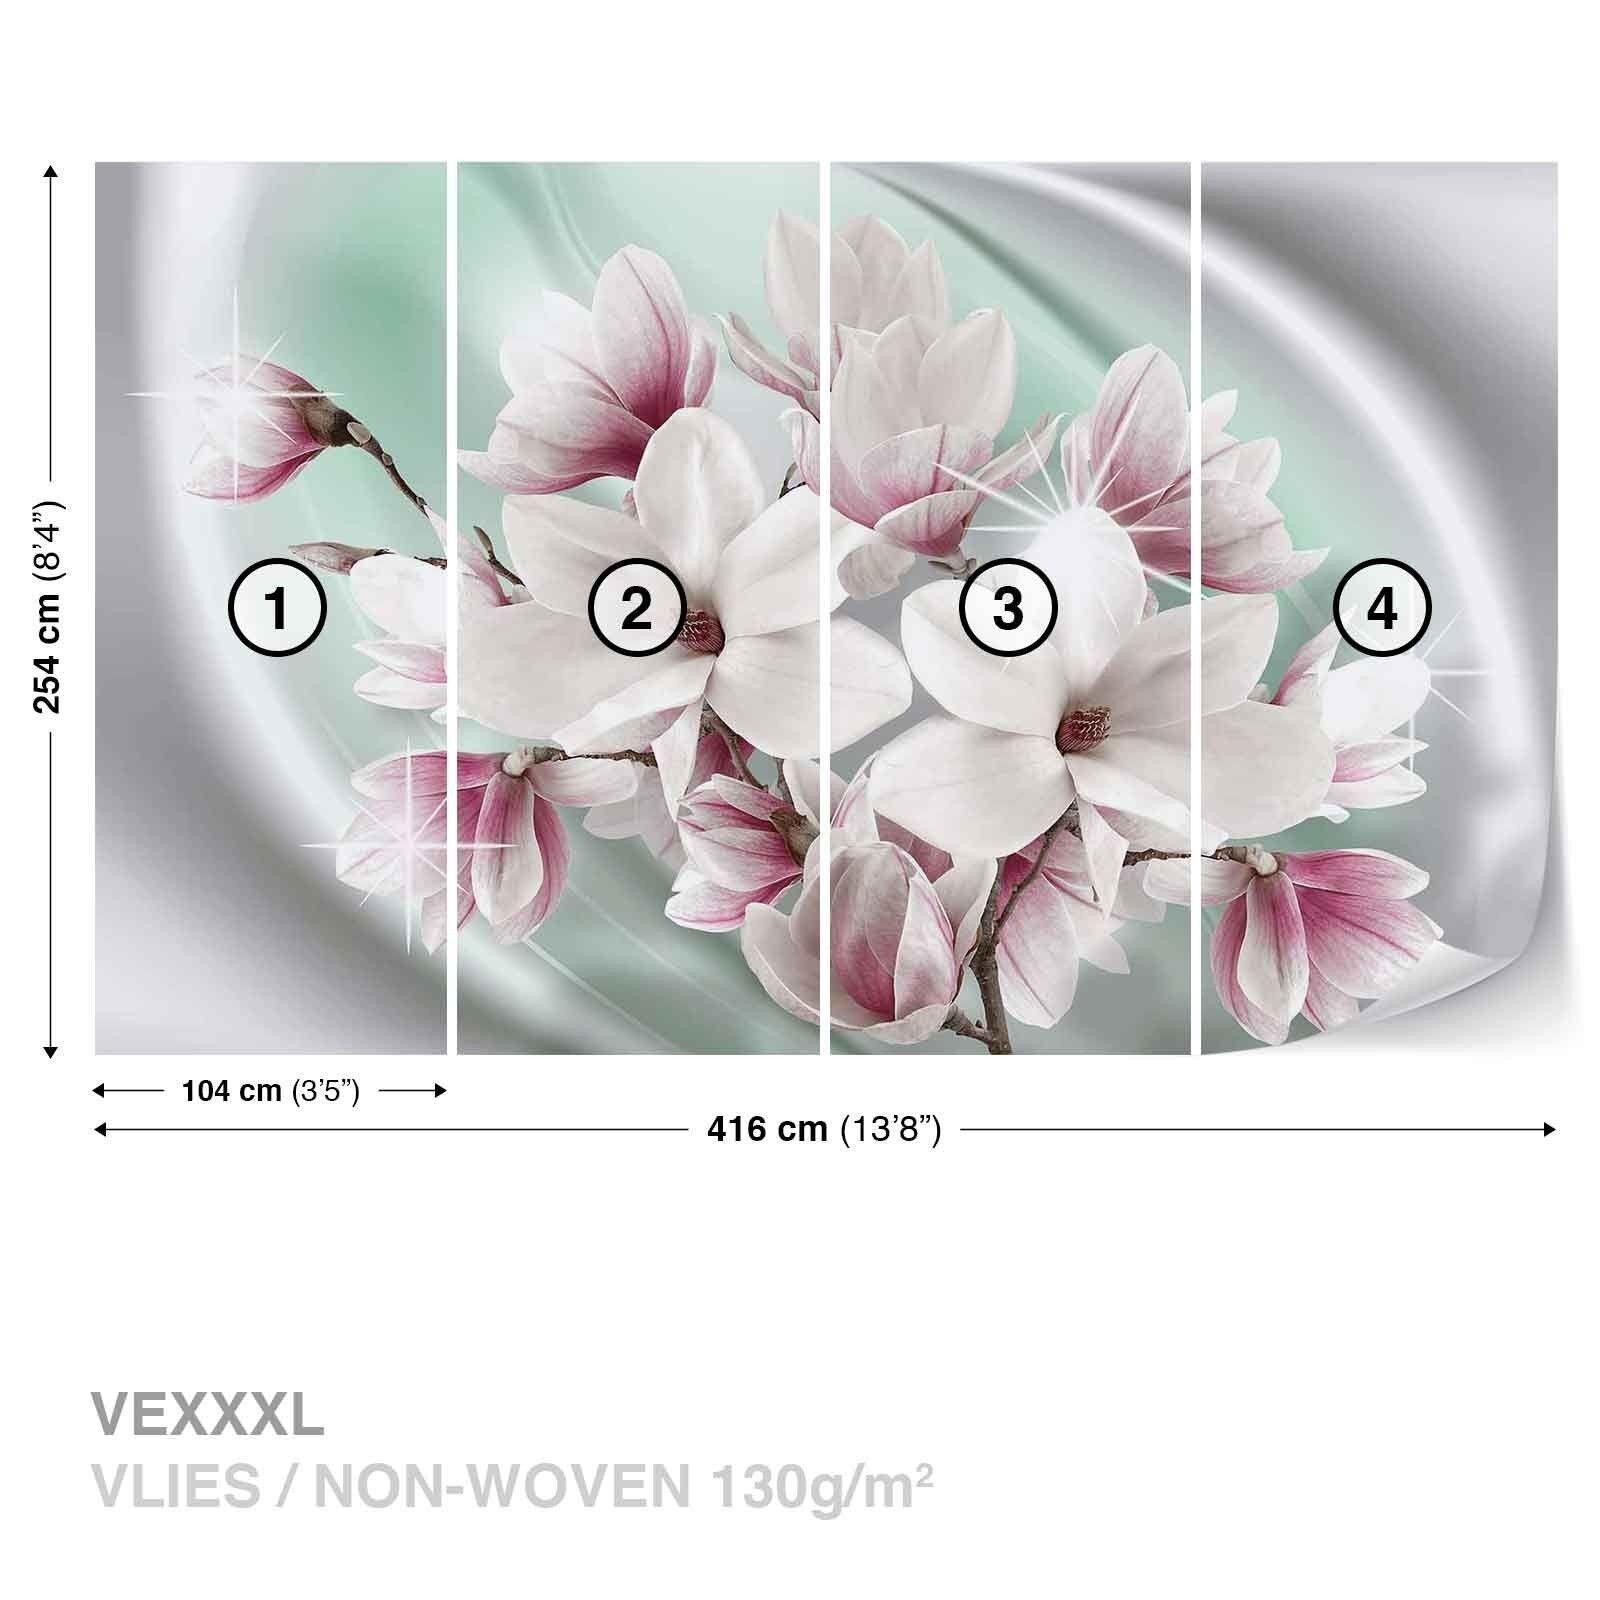 Tapete Vlies Fototapete Natur Pflanzen Blumen weiße Magnolienblüten Frühling Frühling Frühling 0b4d91